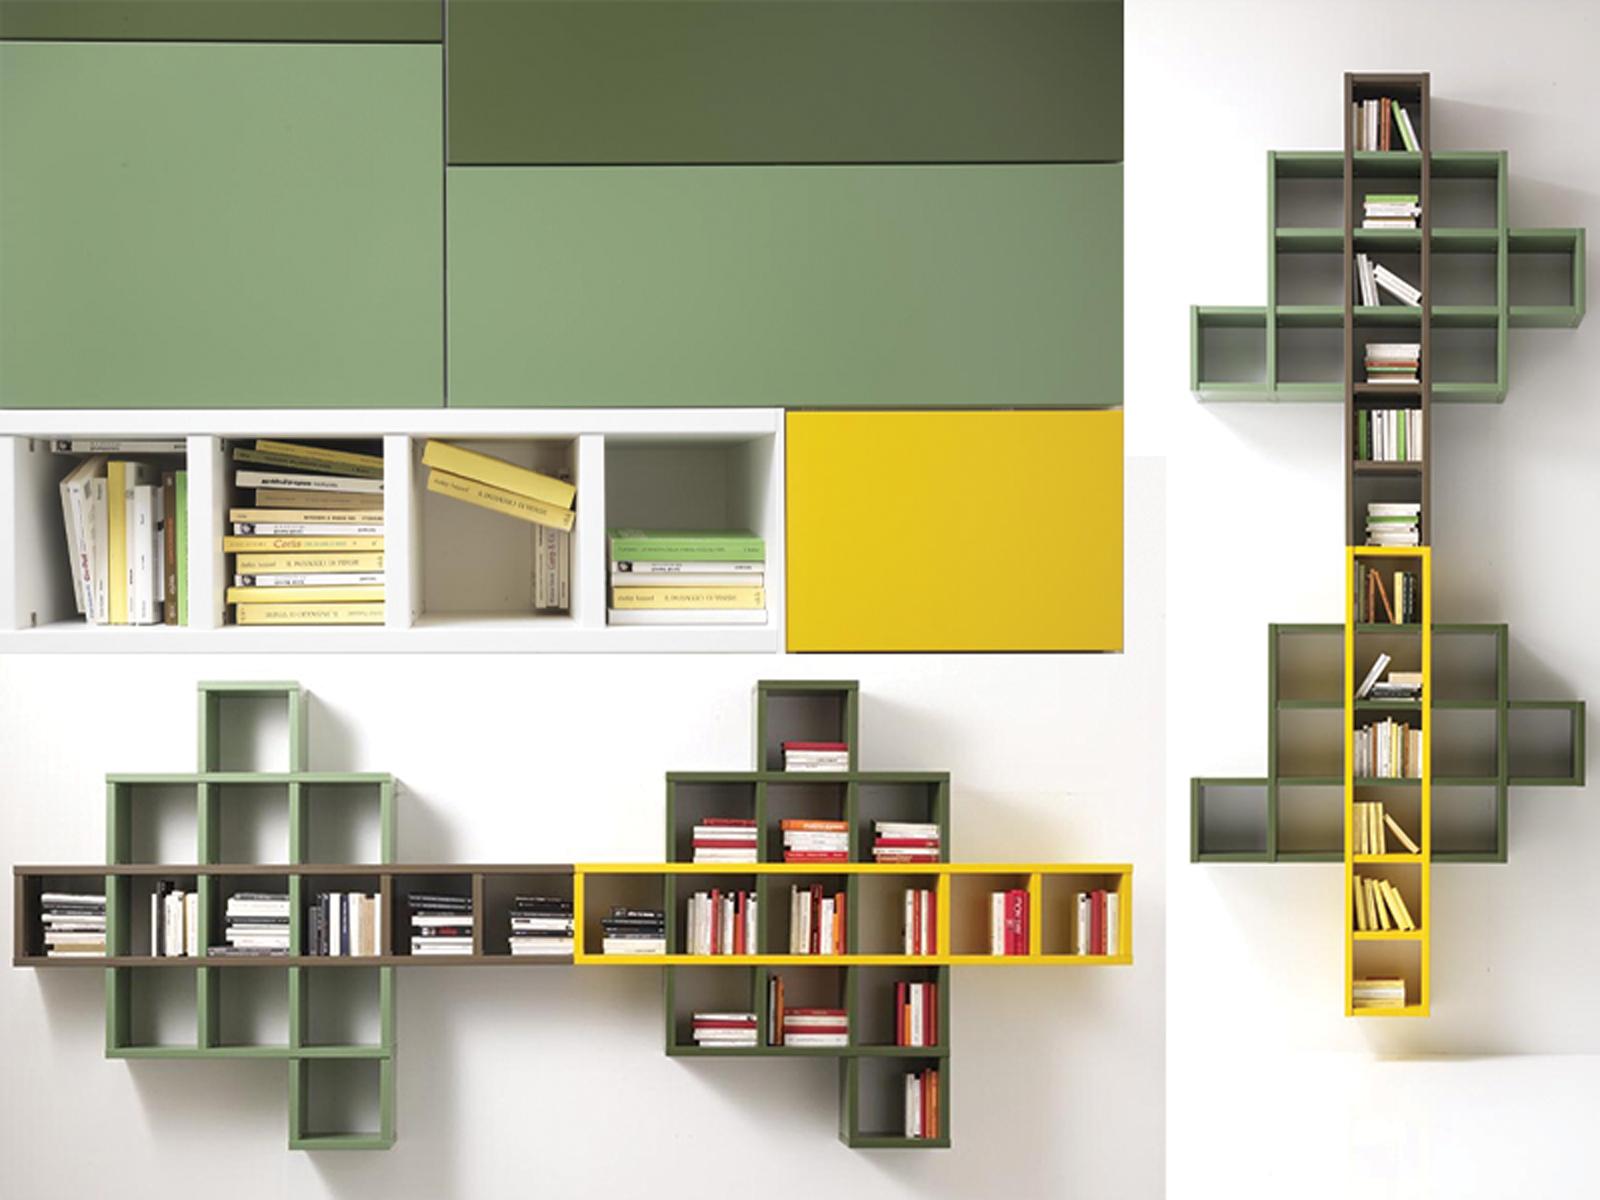 Pareti Colorate Per Soggiorni: Pitturare le pareti: i trucchi che ingannano l...